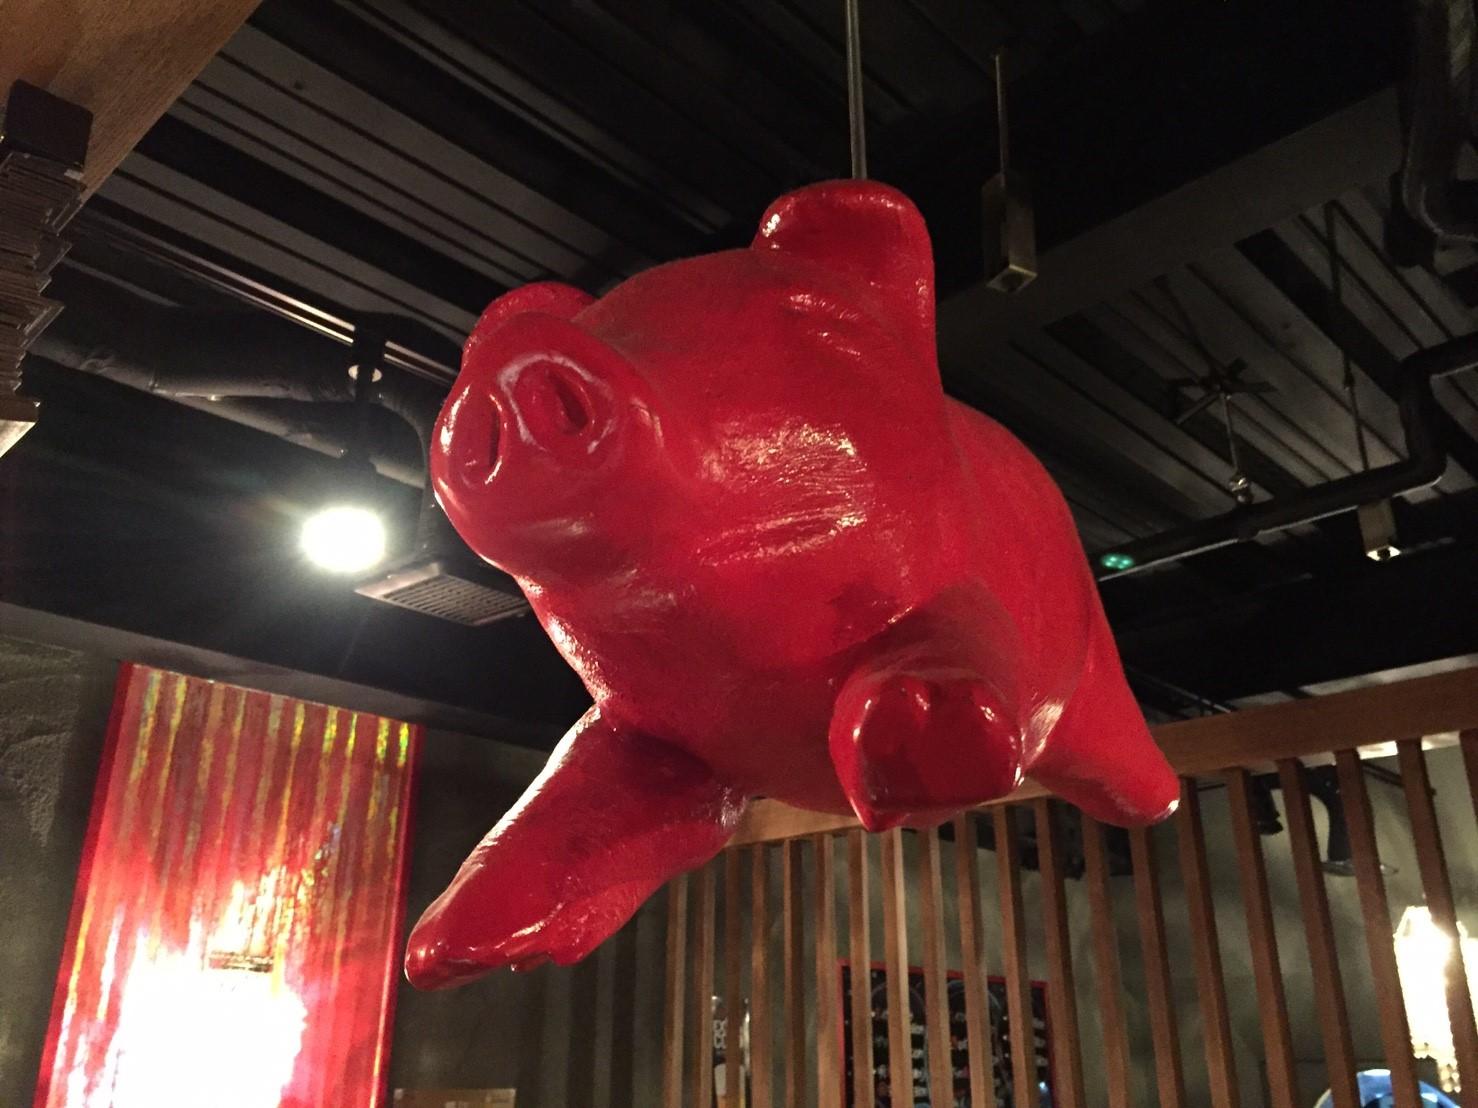 居酒屋『豚匠』の座敷にぶら下がる赤い豚のオブジェ